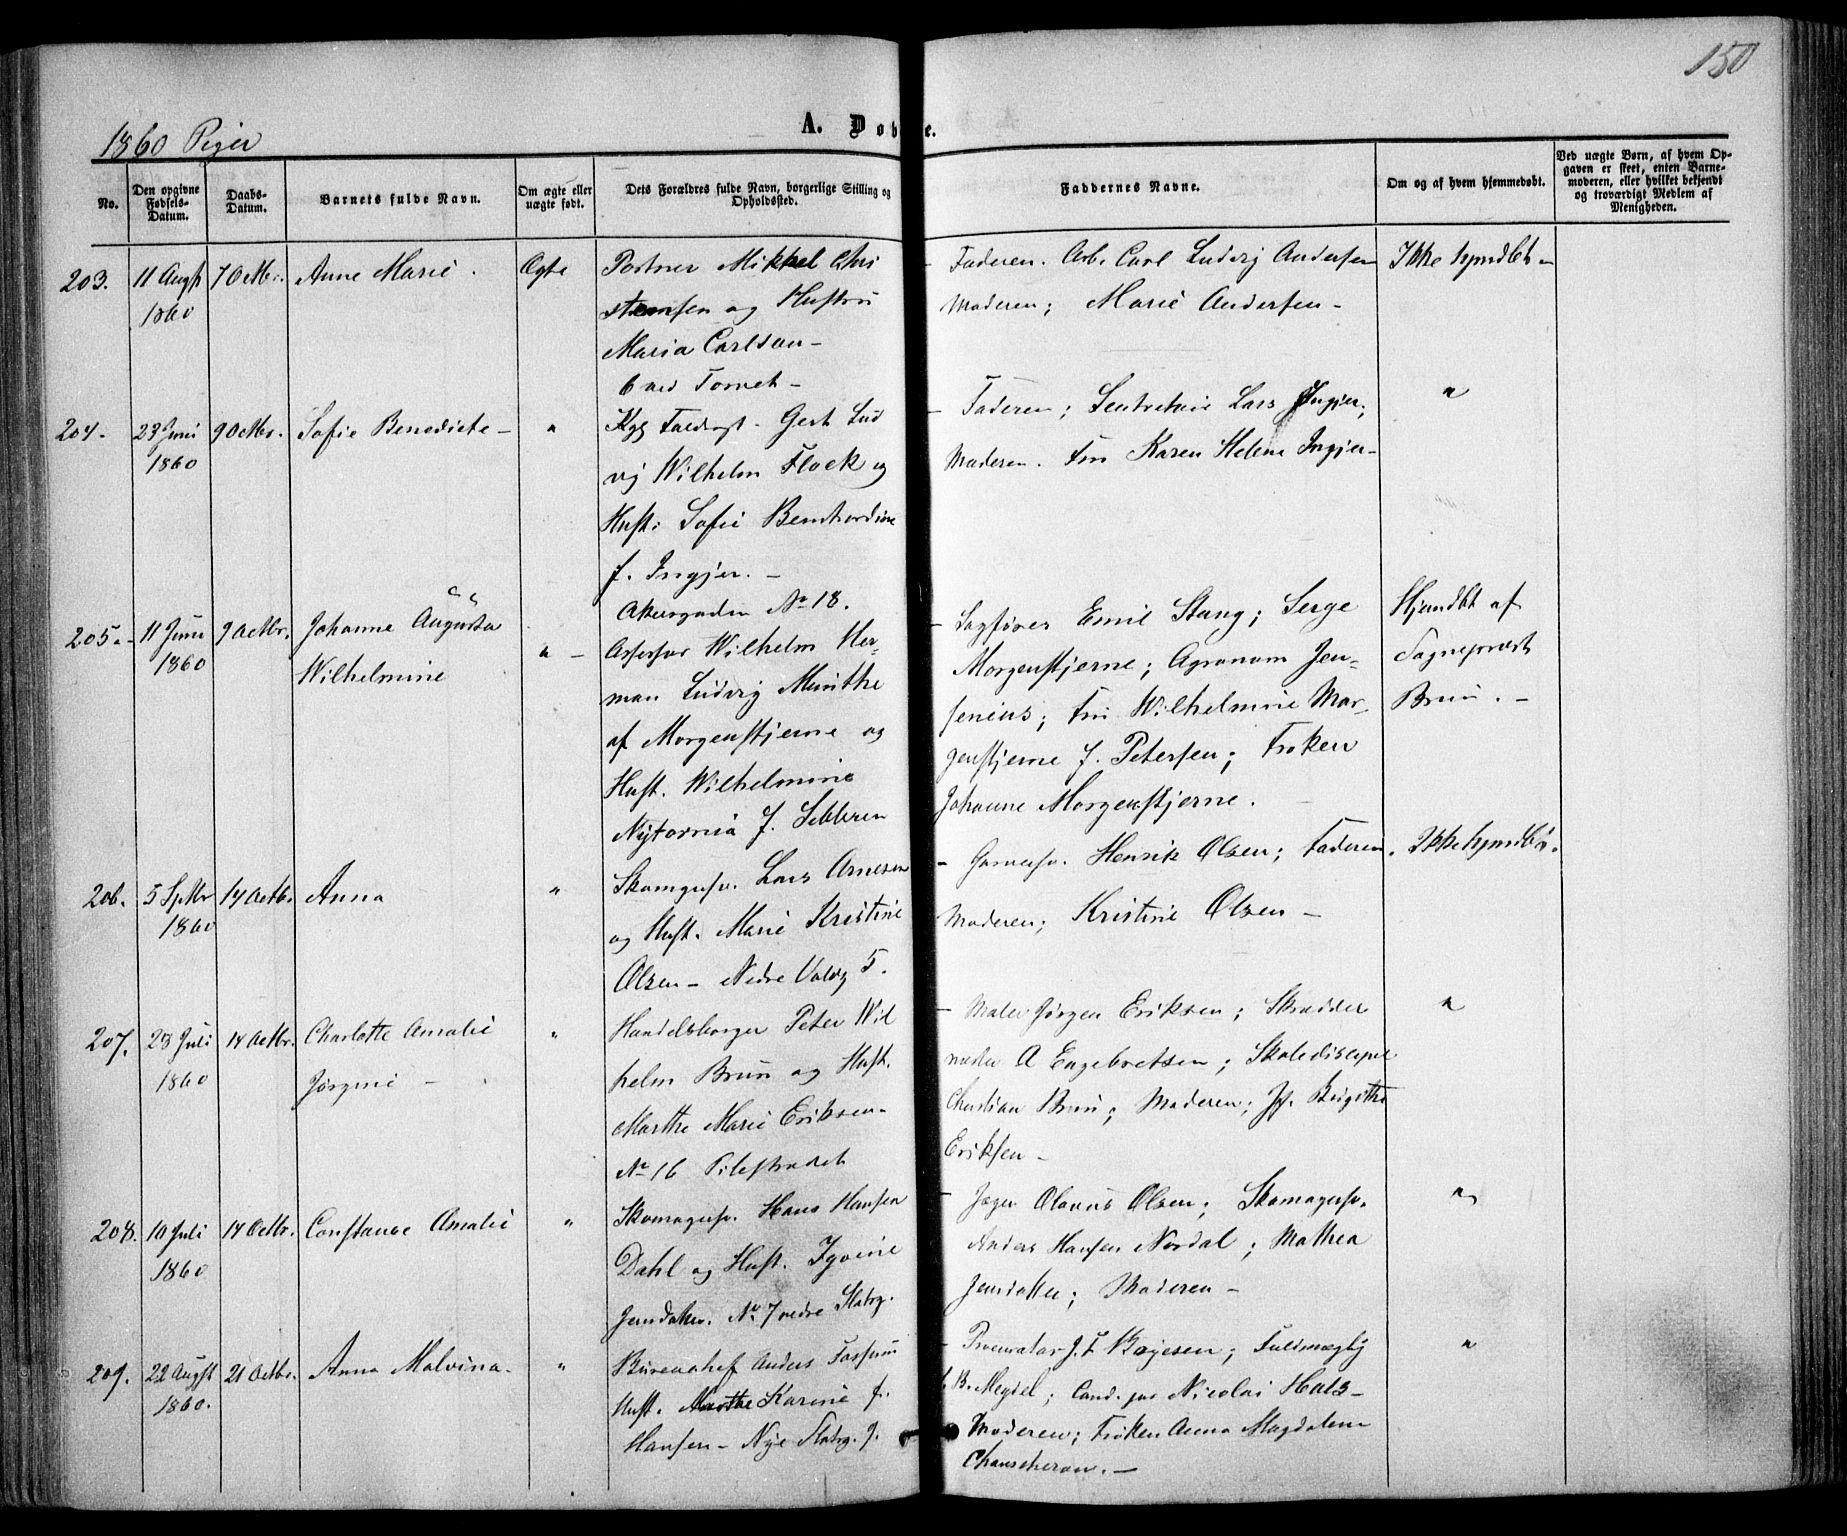 SAO, Trefoldighet prestekontor Kirkebøker, F/Fa/L0001: Ministerialbok nr. I 1, 1858-1863, s. 150